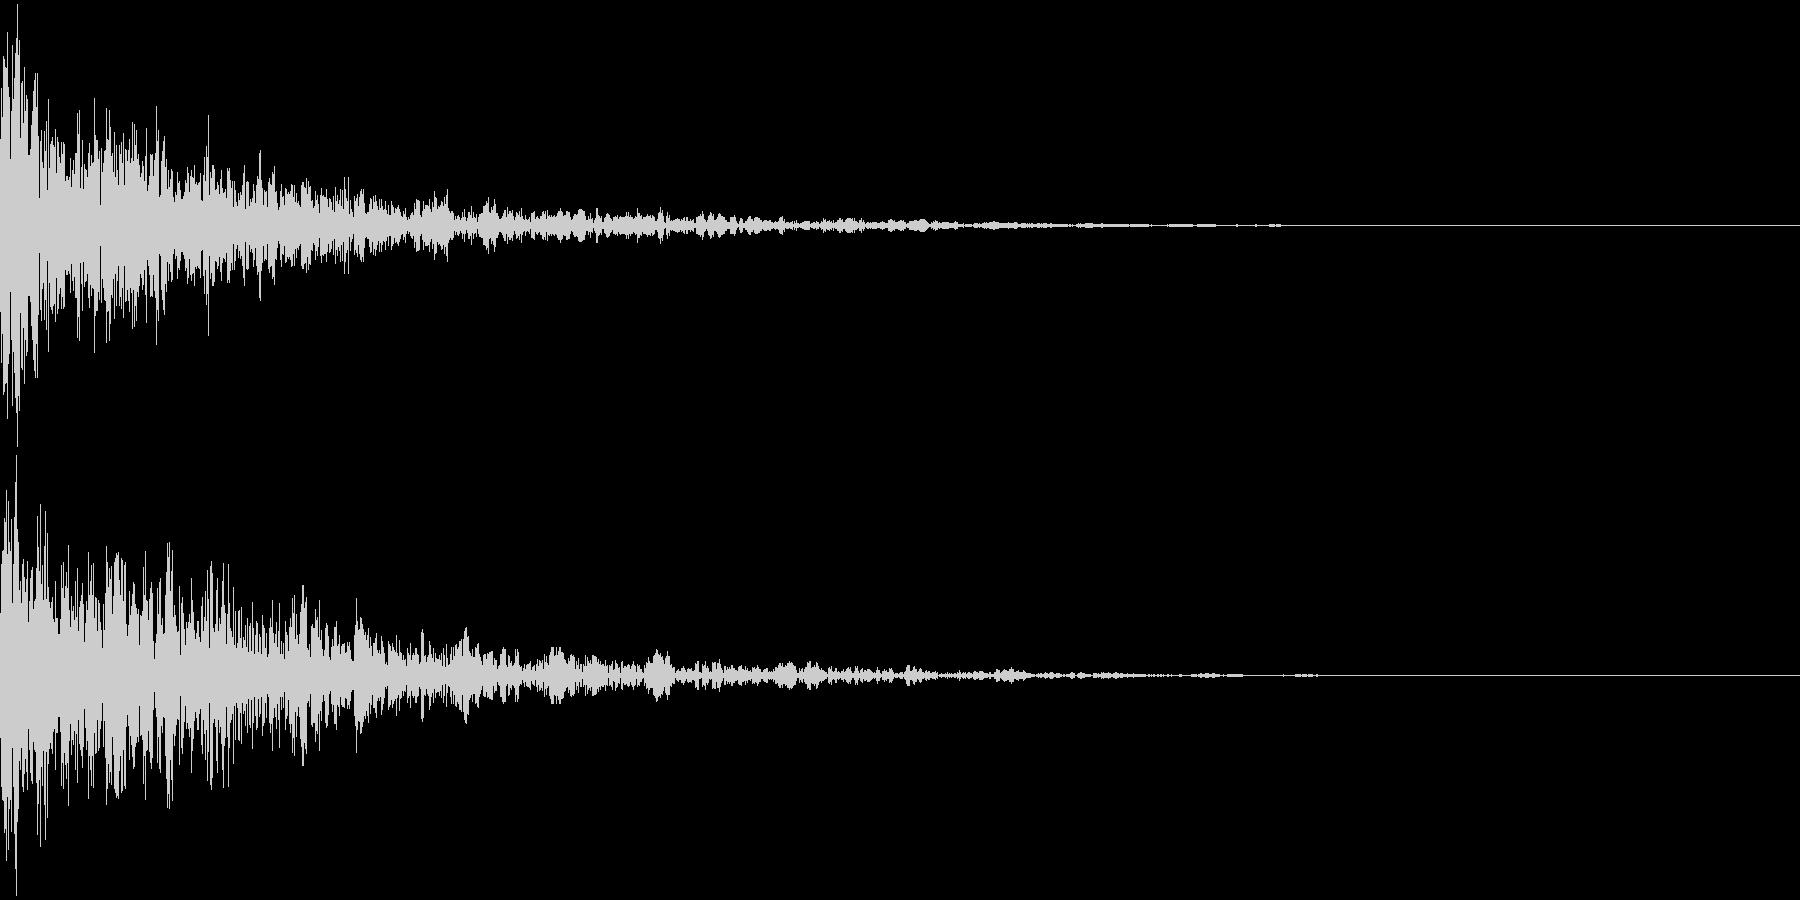 ドーン-29-2(インパクト音)の未再生の波形